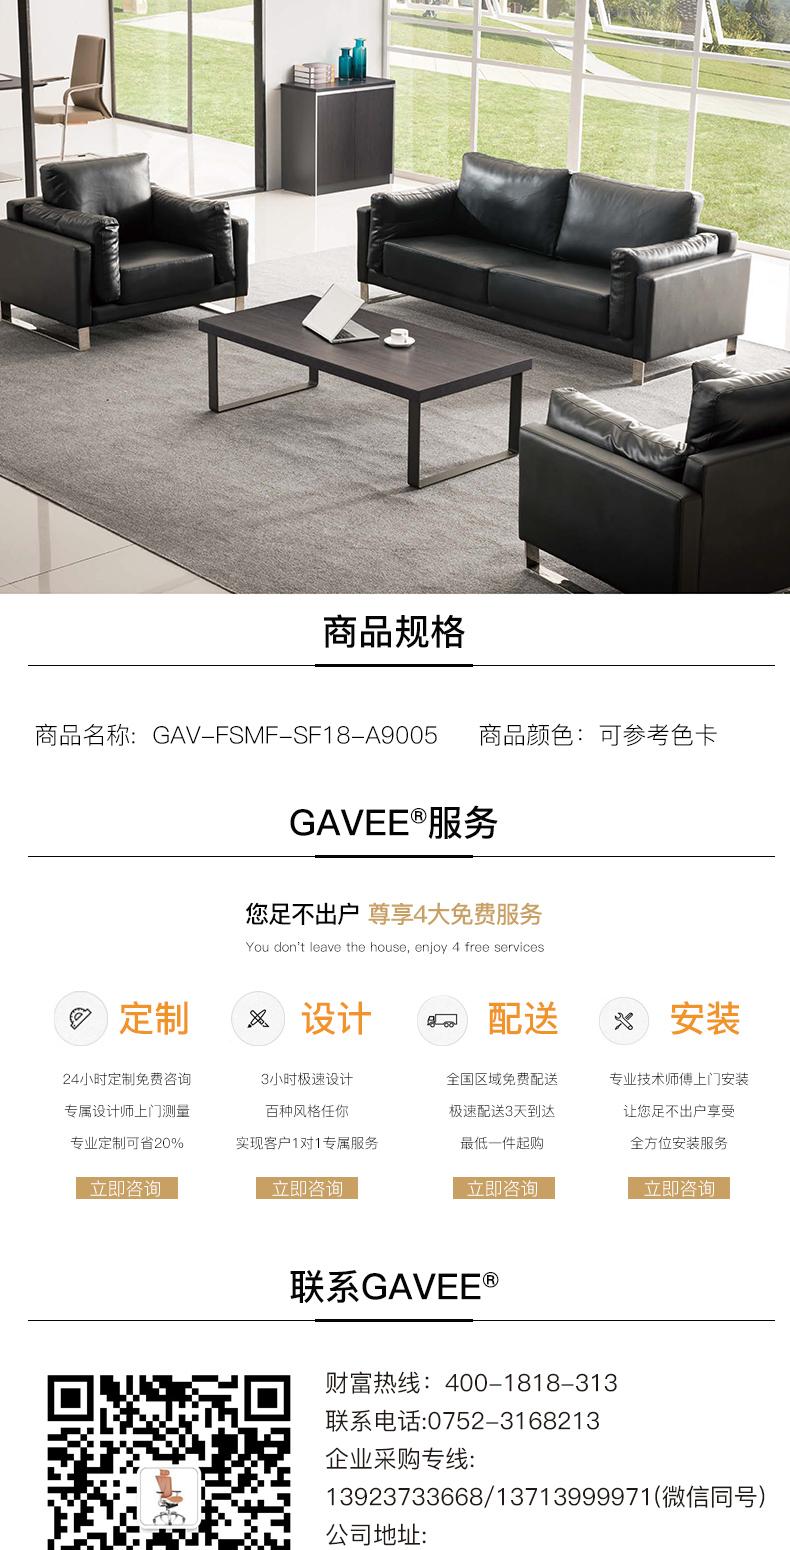 沙發茶幾系統GAV-FSMF-SF18-A9005.jpg